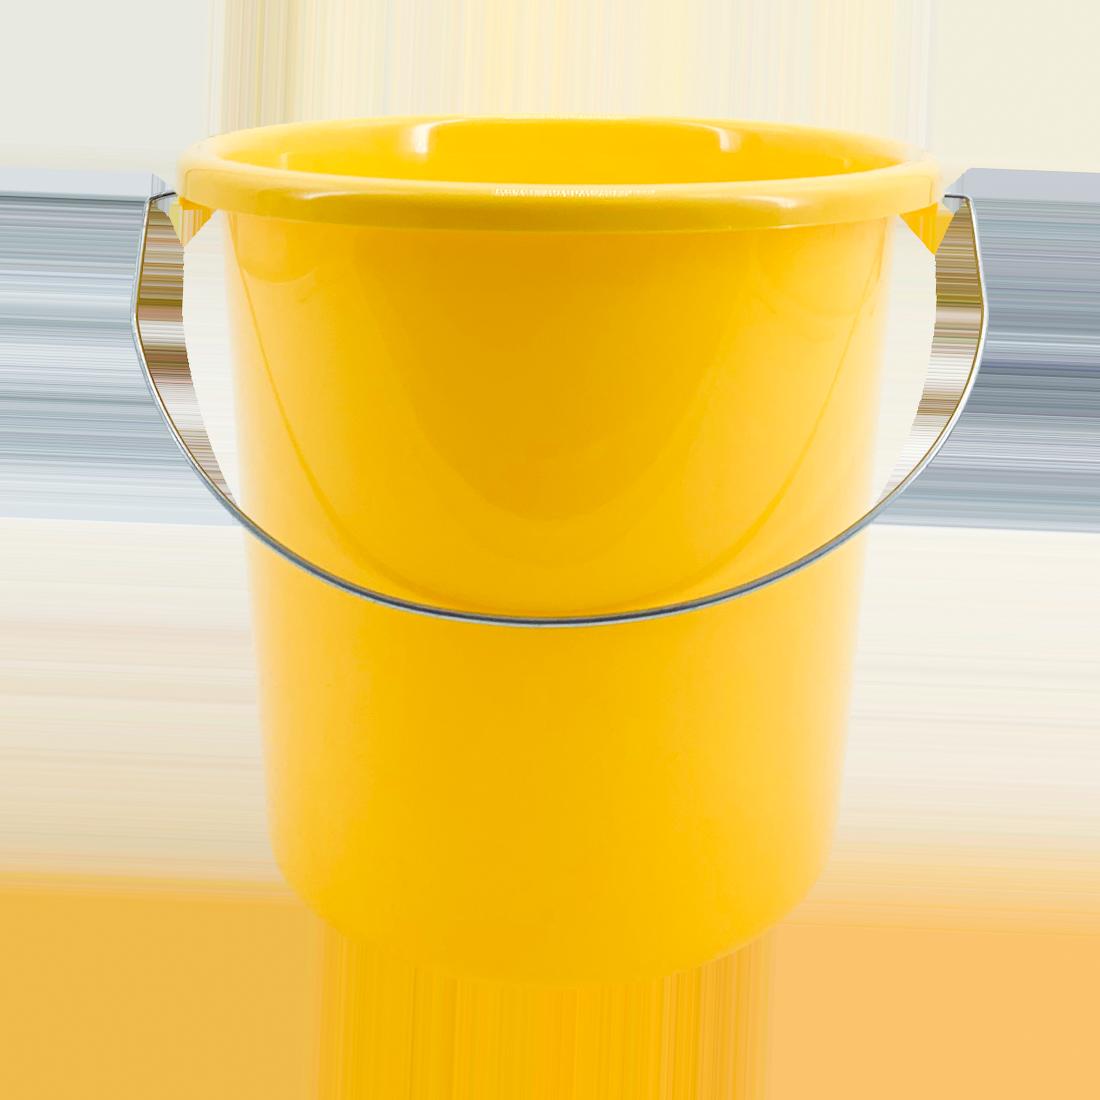 Eimer mit Metallbügel, Kunstoff, gelb, 5 Liter